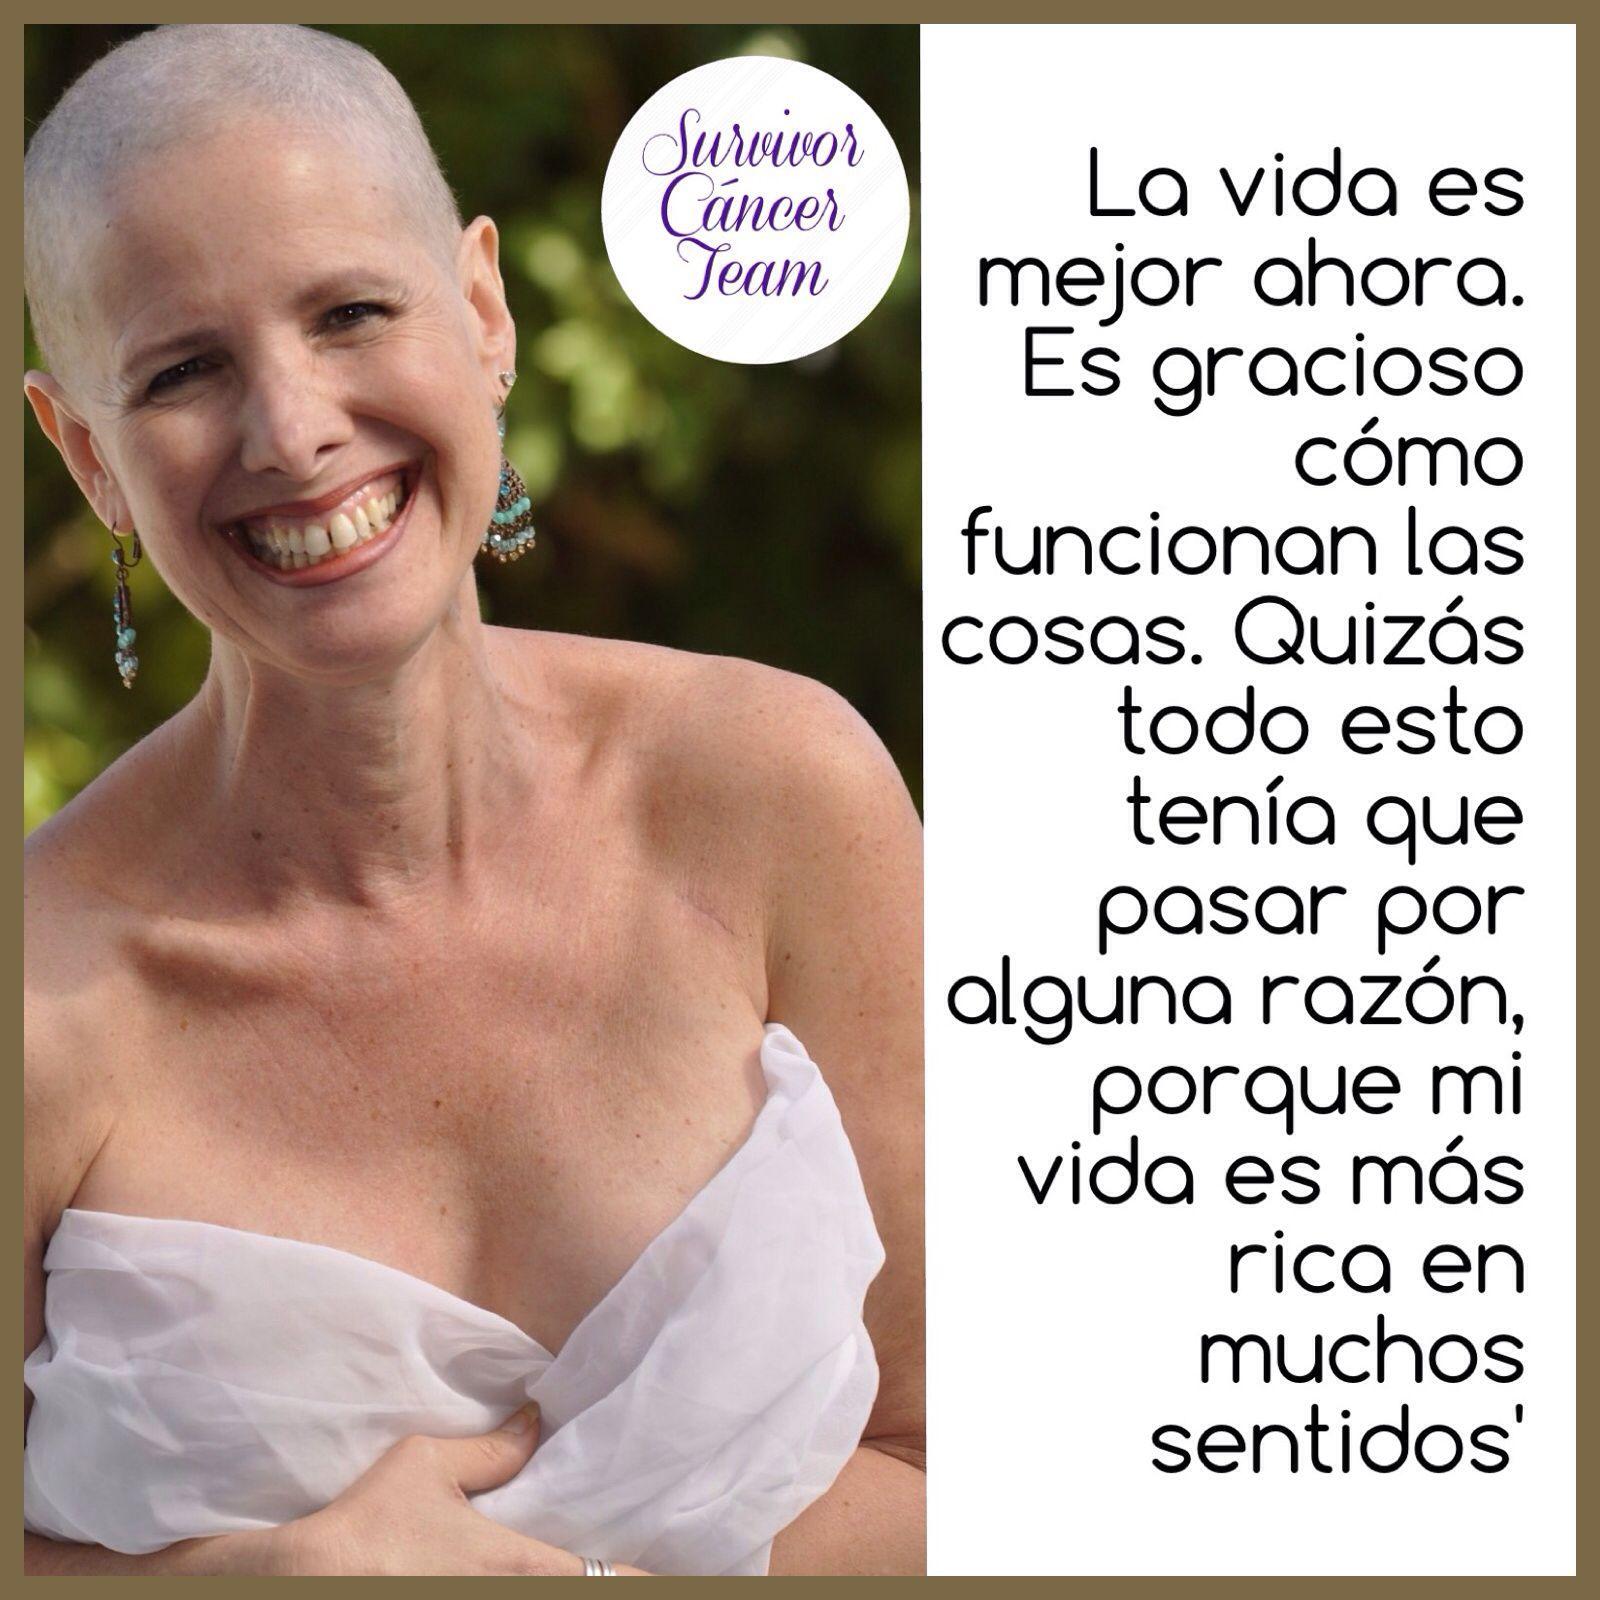 Mi vida es mejor, después del proceso del cáncer.